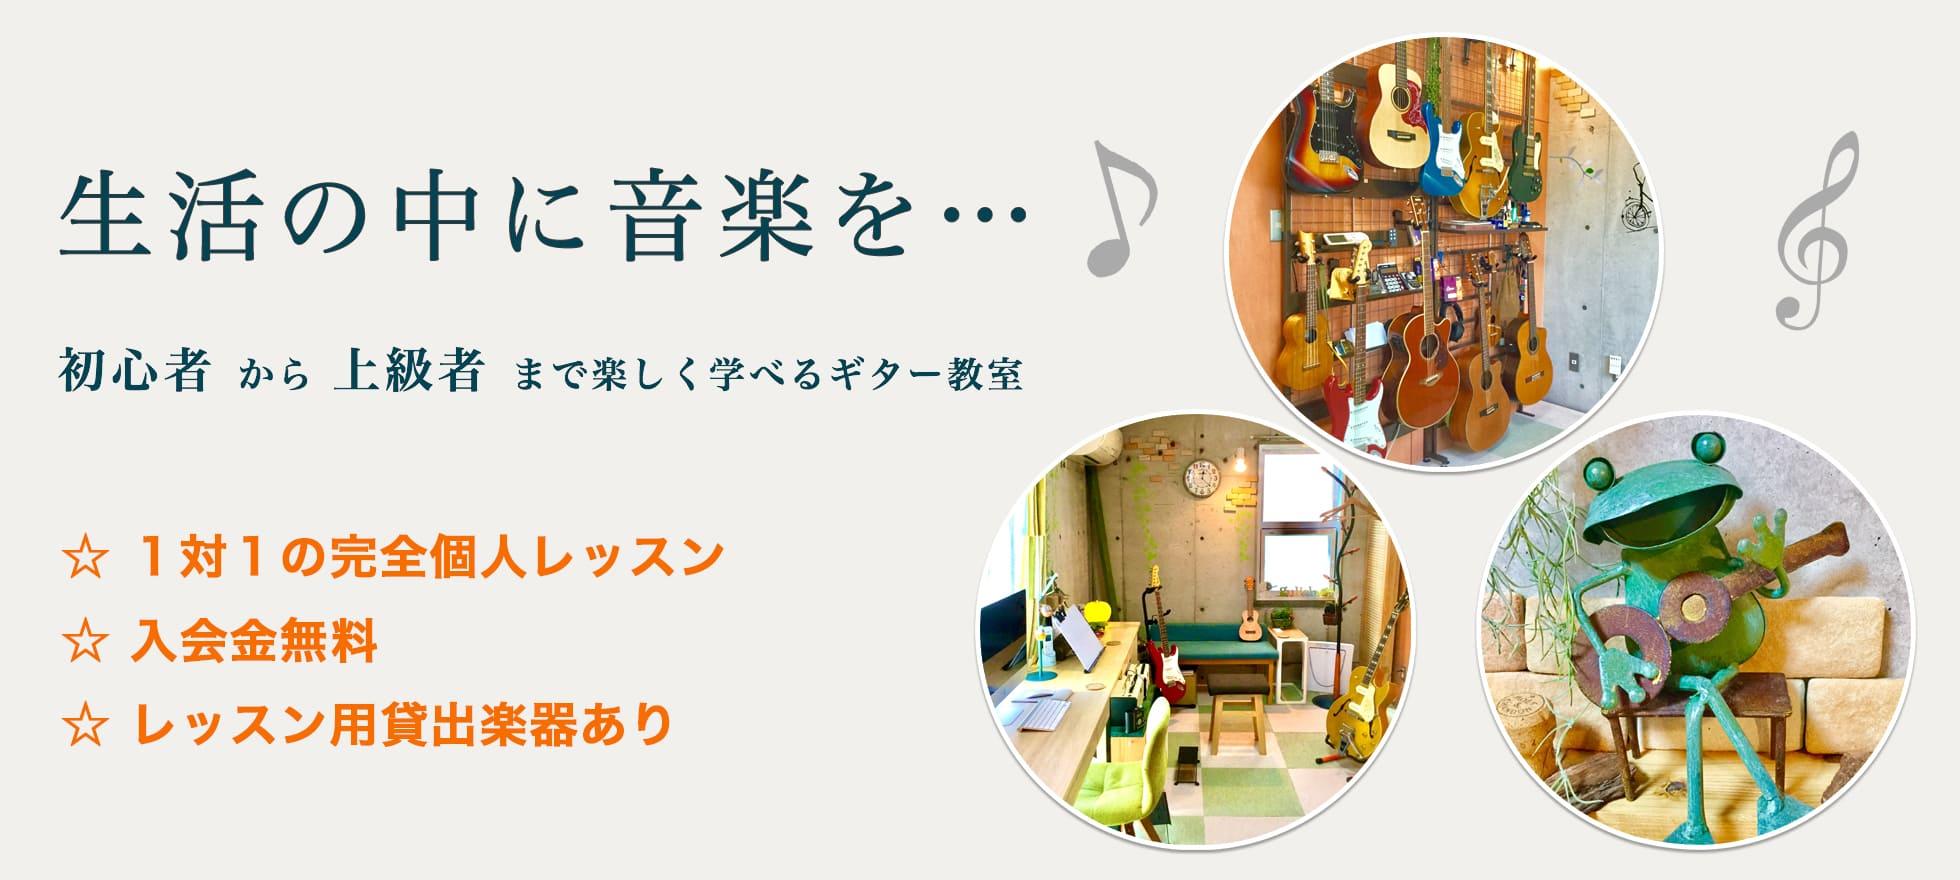 生活の中に音楽を... 初心者から上級者まで楽しく学べるギター教室|gulien(グリエン)